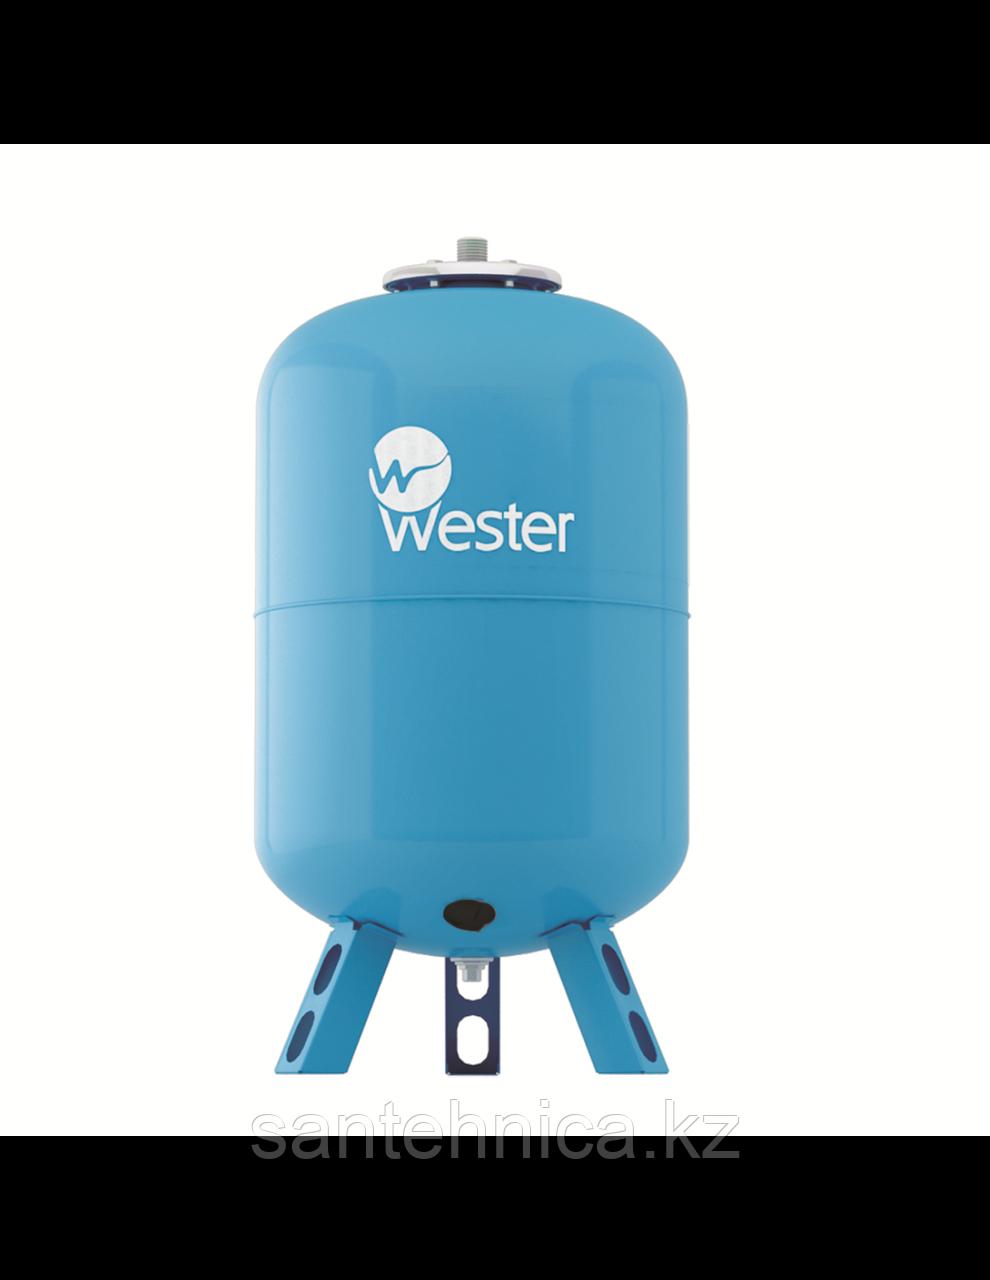 Гидроаккумулятор Wester 500 л. вертикальный